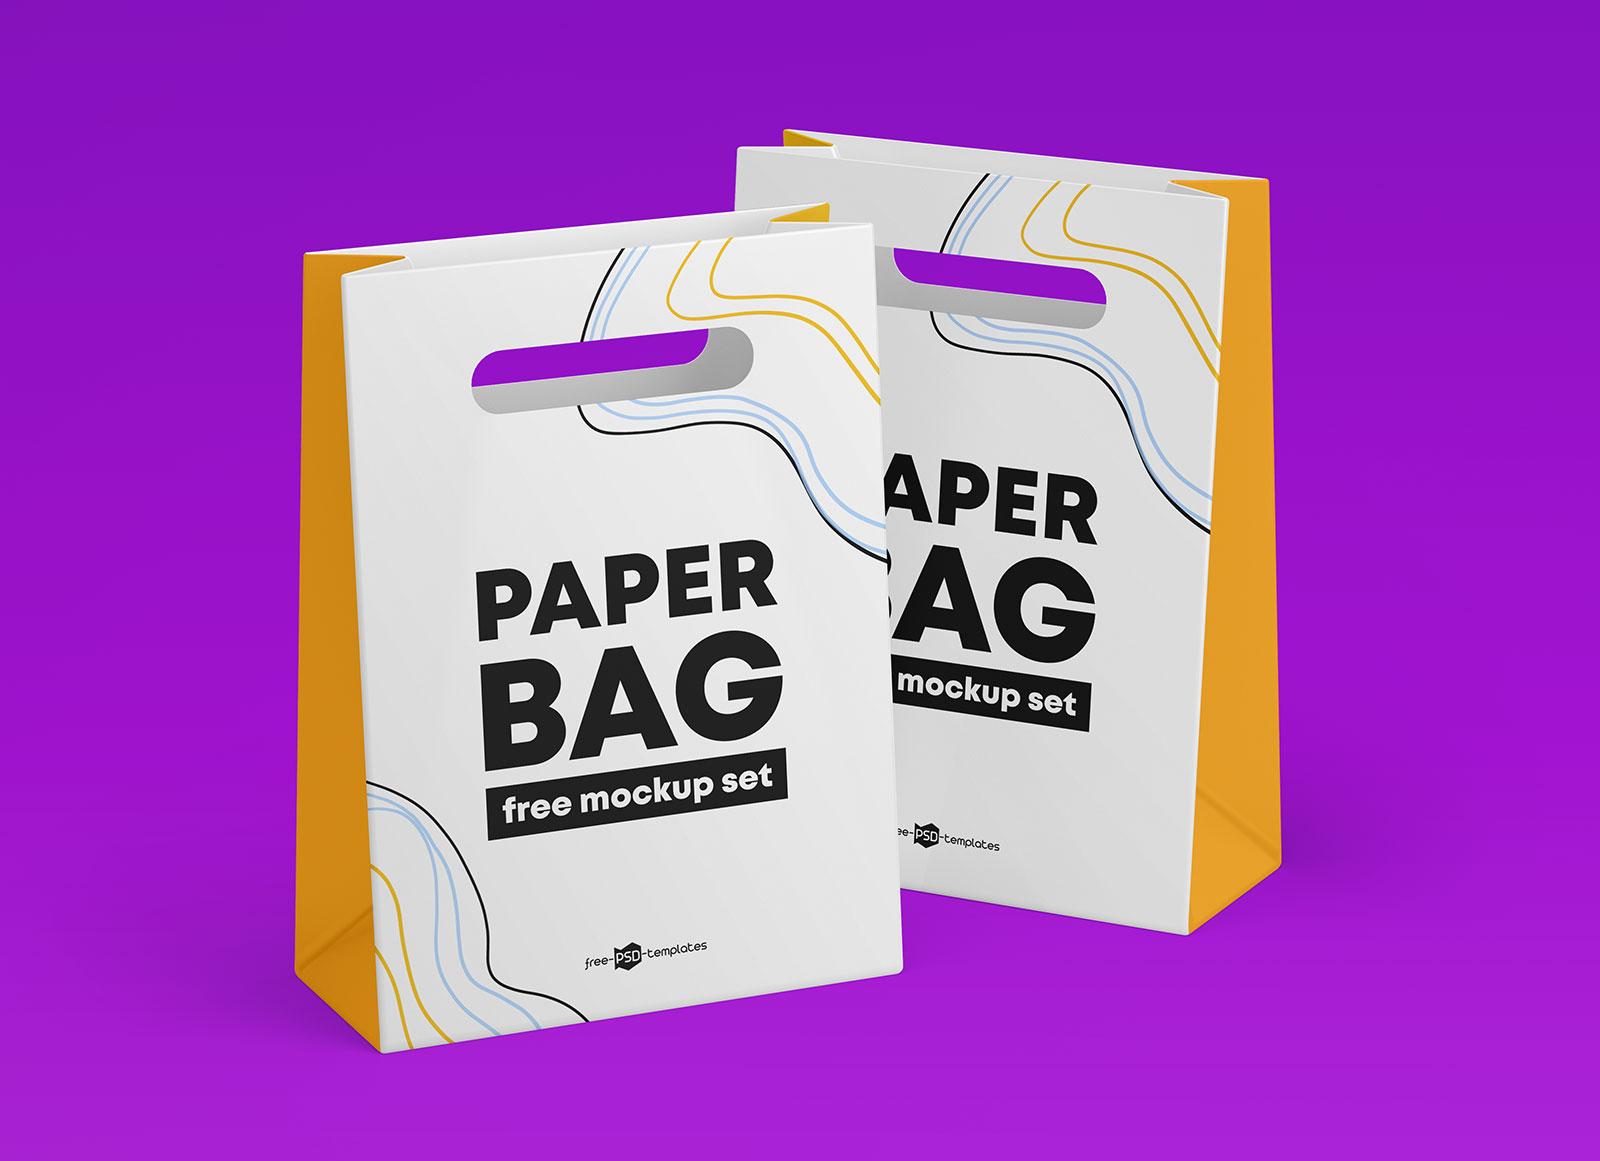 Free-Take-Away-Paper-Bag-Packaging-Mockup-PSD-Set